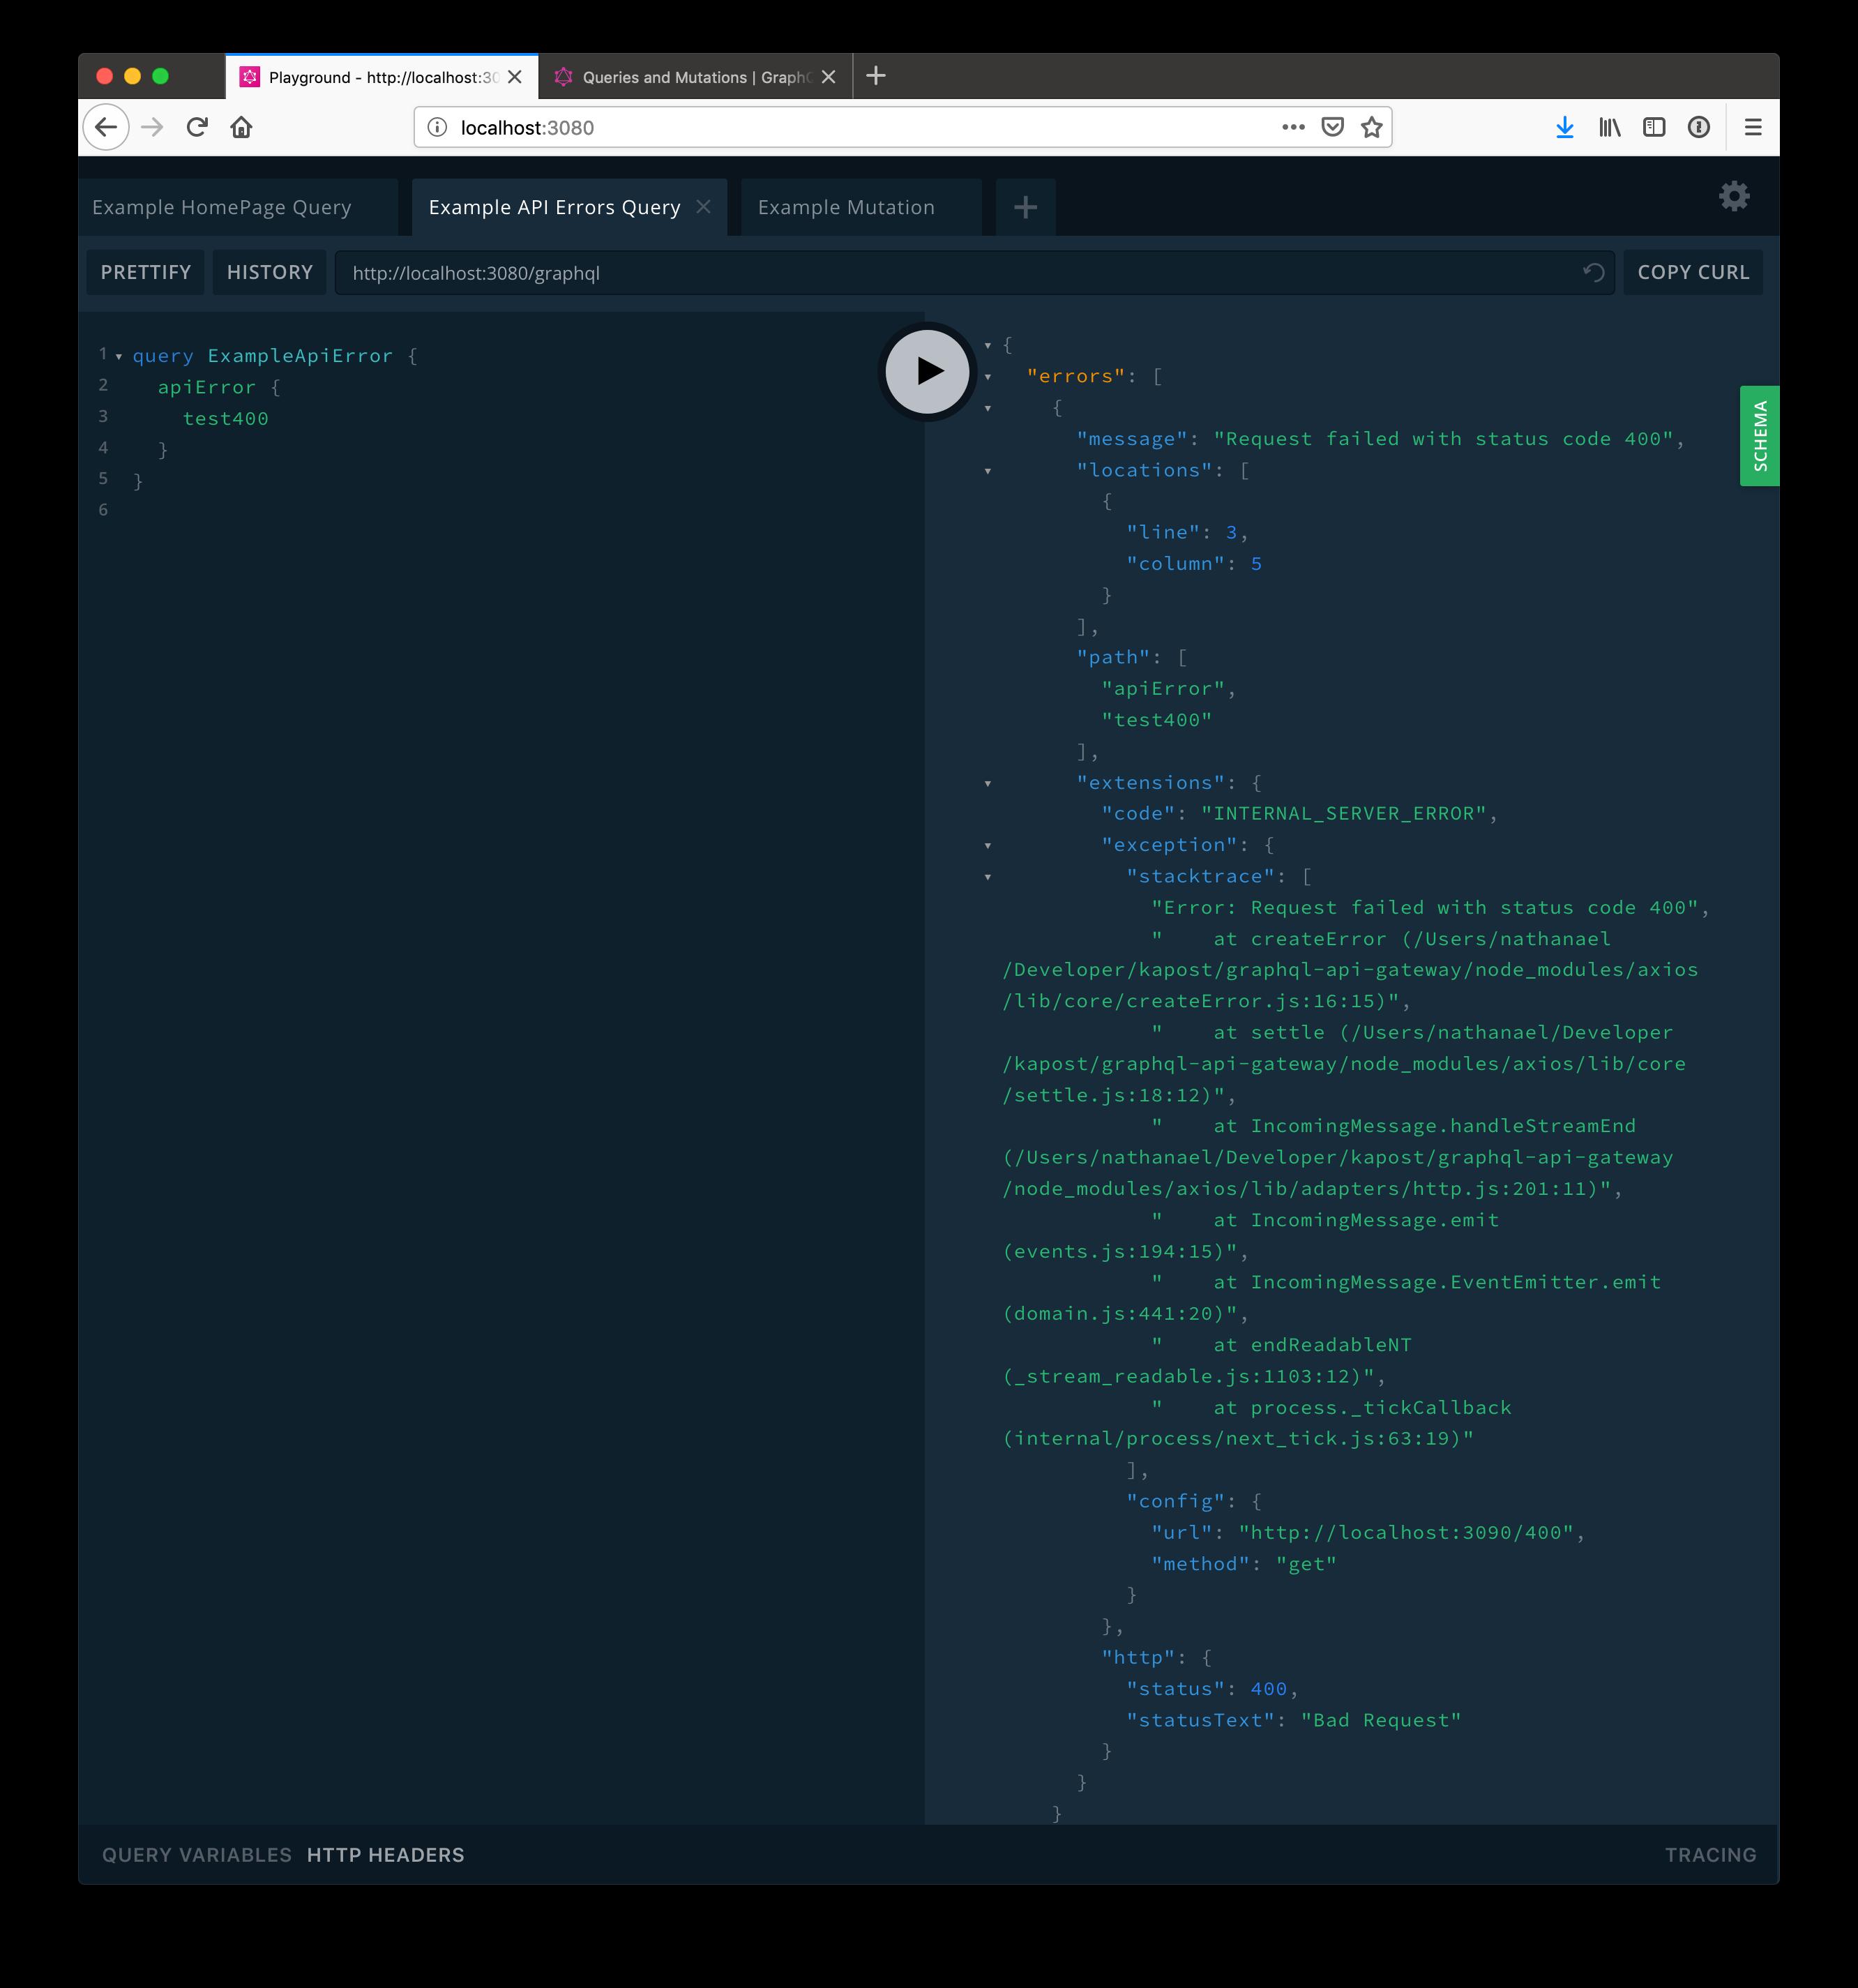 Screenshot of GraphQL HTTP errors